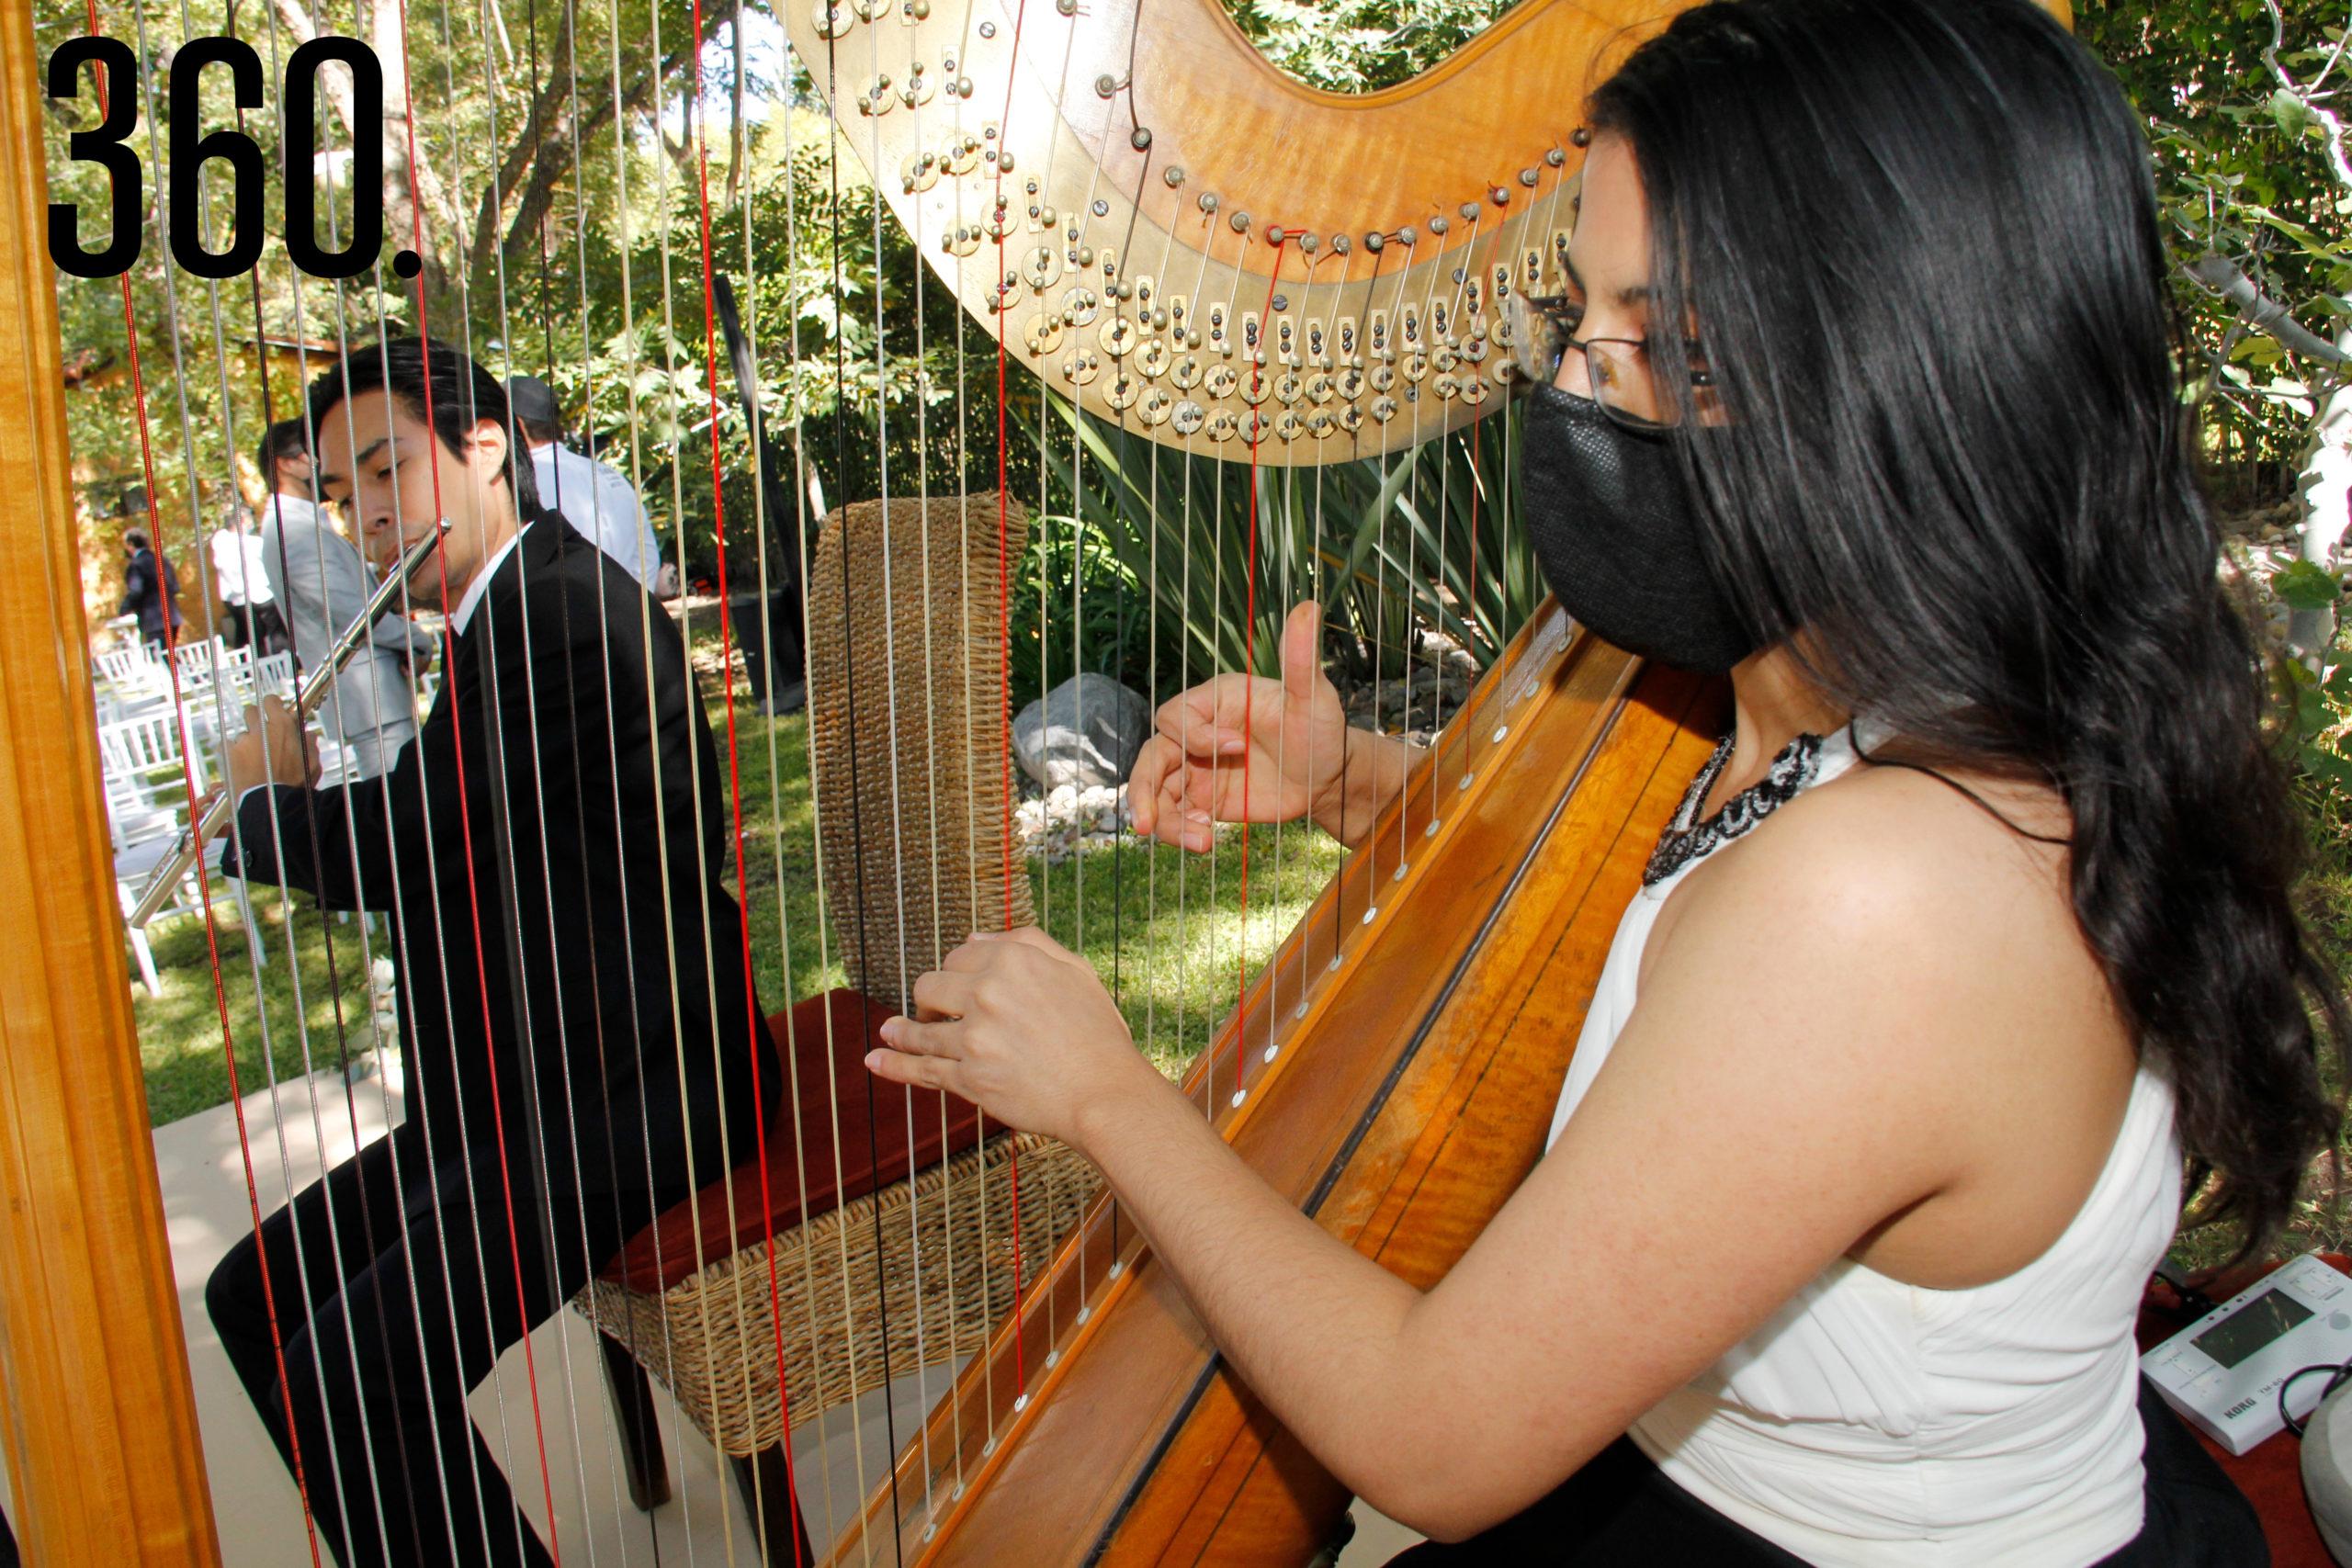 El flautista Carlos Enríquez y Joana Teller en el arpa tocaron durante la ceremonia cristiana